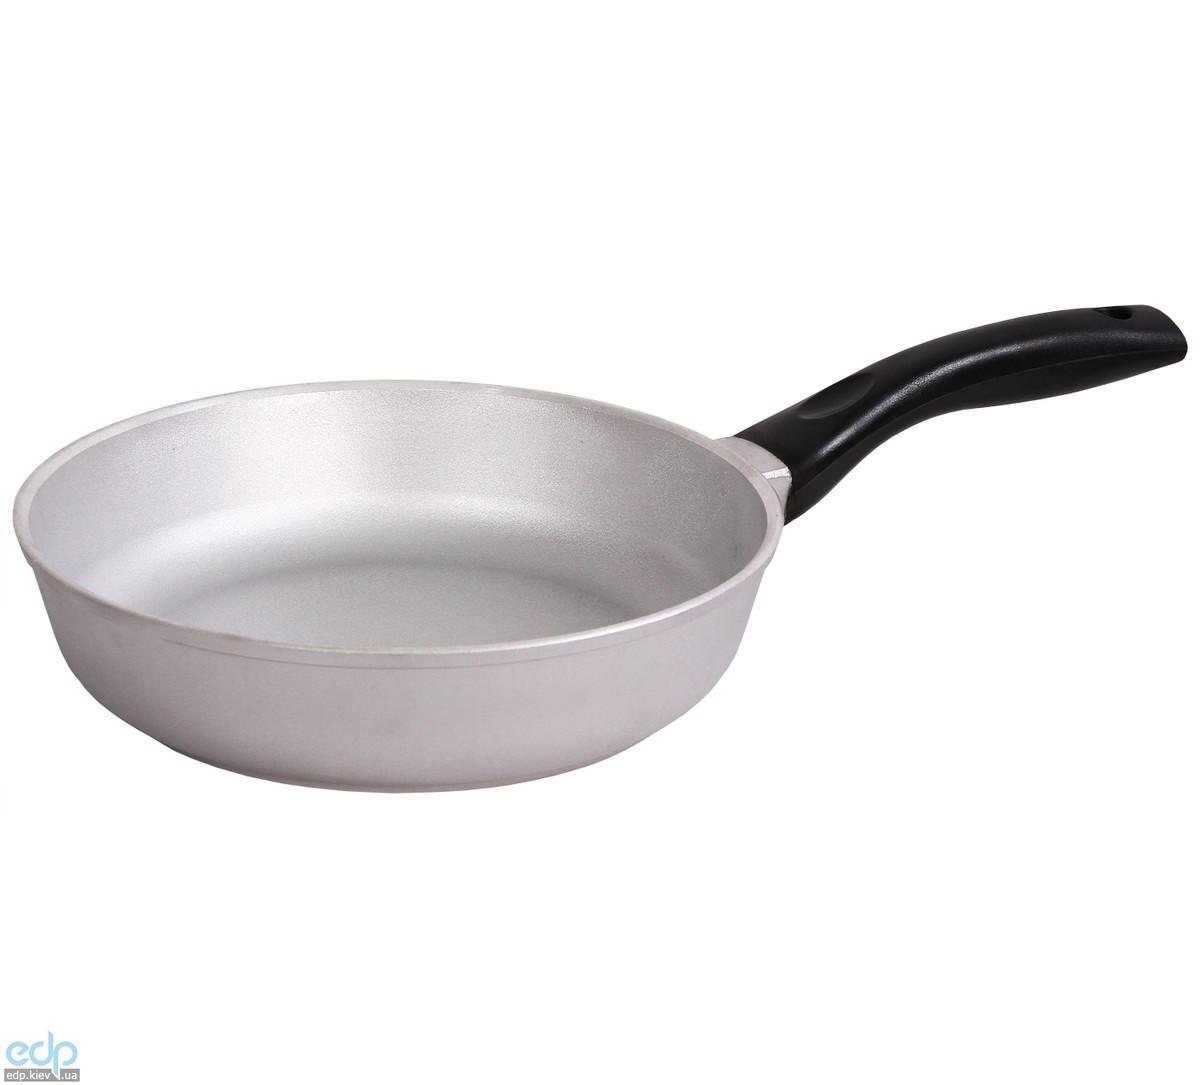 Биол - Сковорода с утолщенным дном без крышки диаметр 28 см (2807)